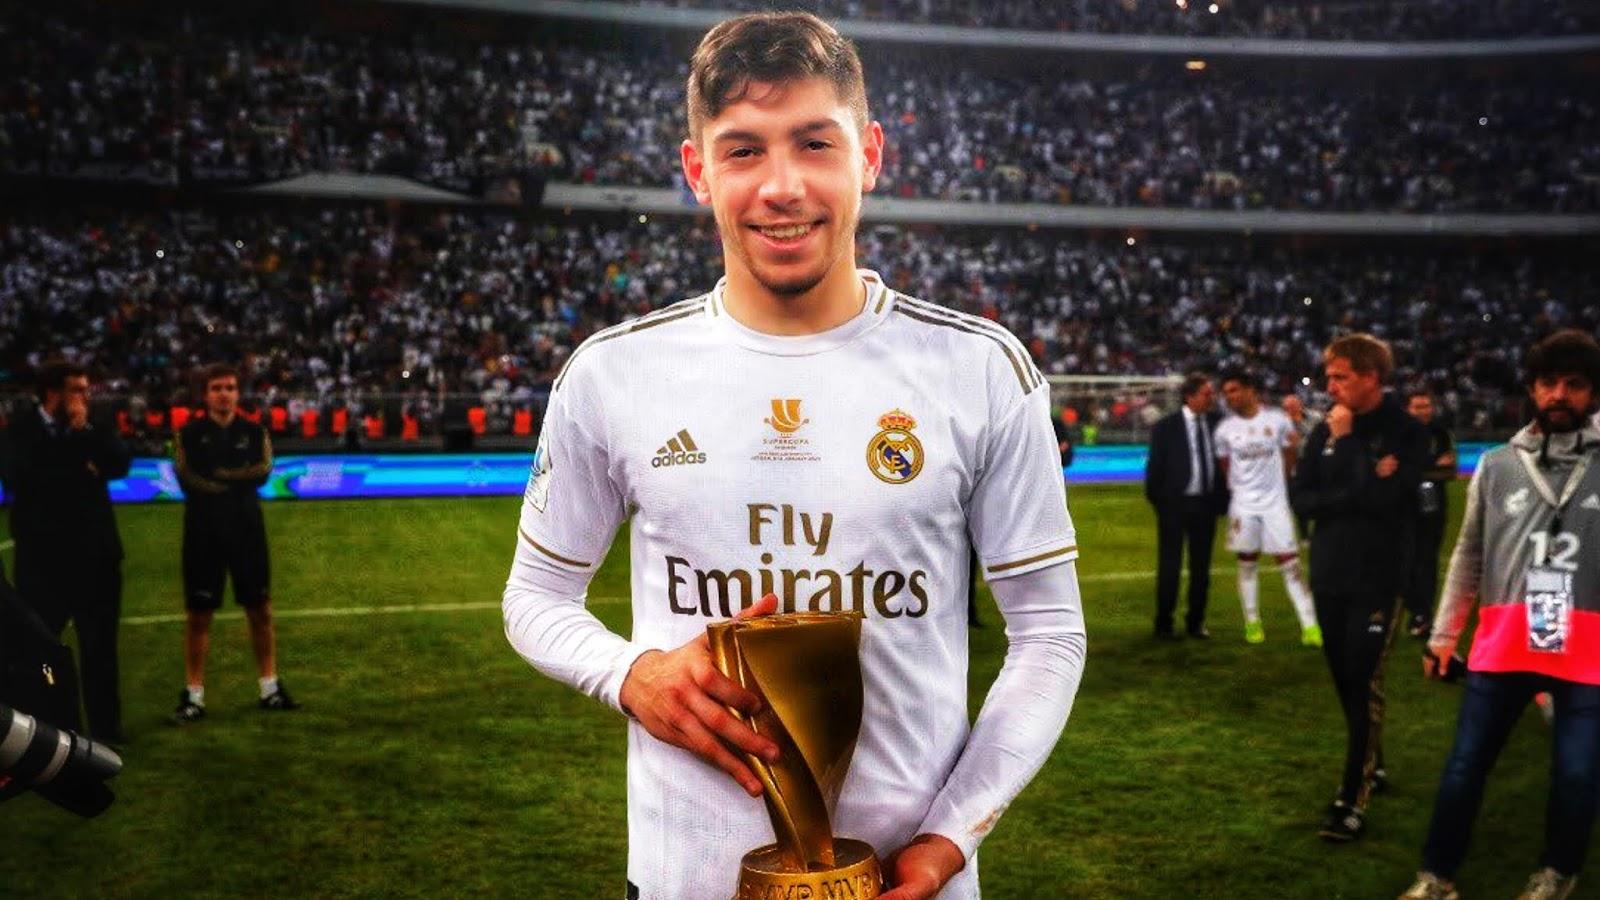 فالفيردي لاعب ريال مدريد